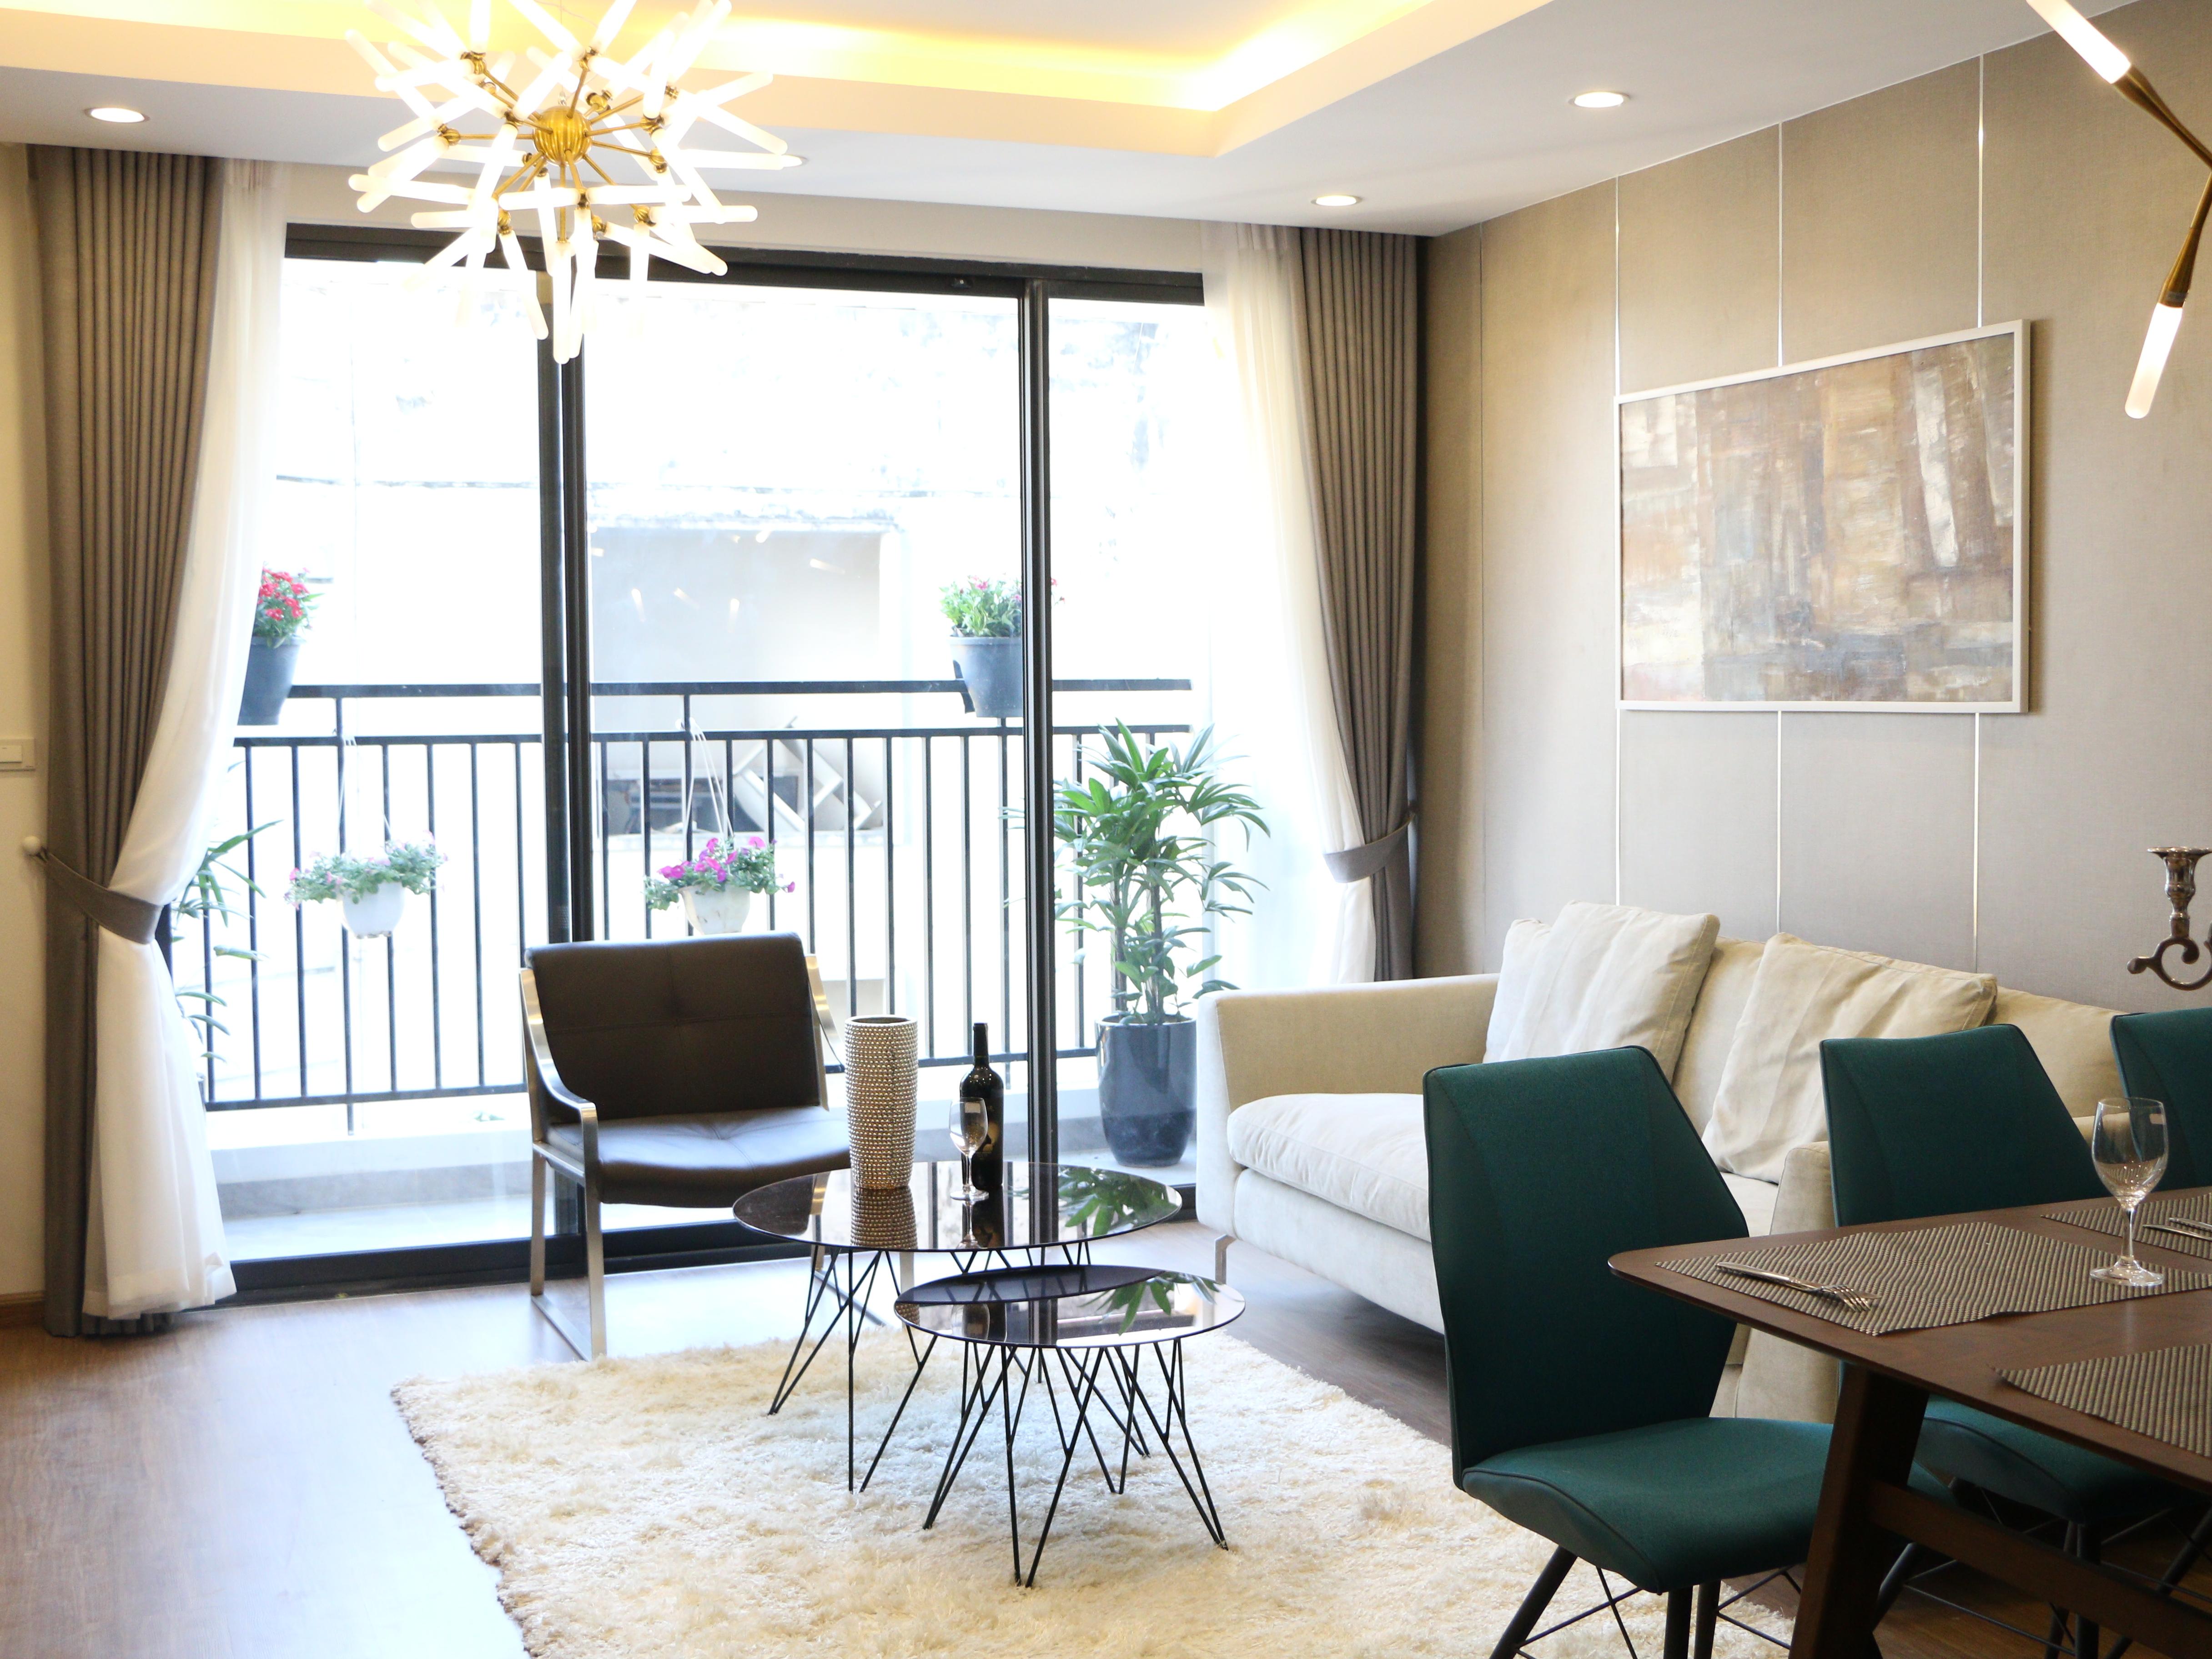 Chính thức cất nóc và khai trương căn hộ mẫu dự án HongKong Tower